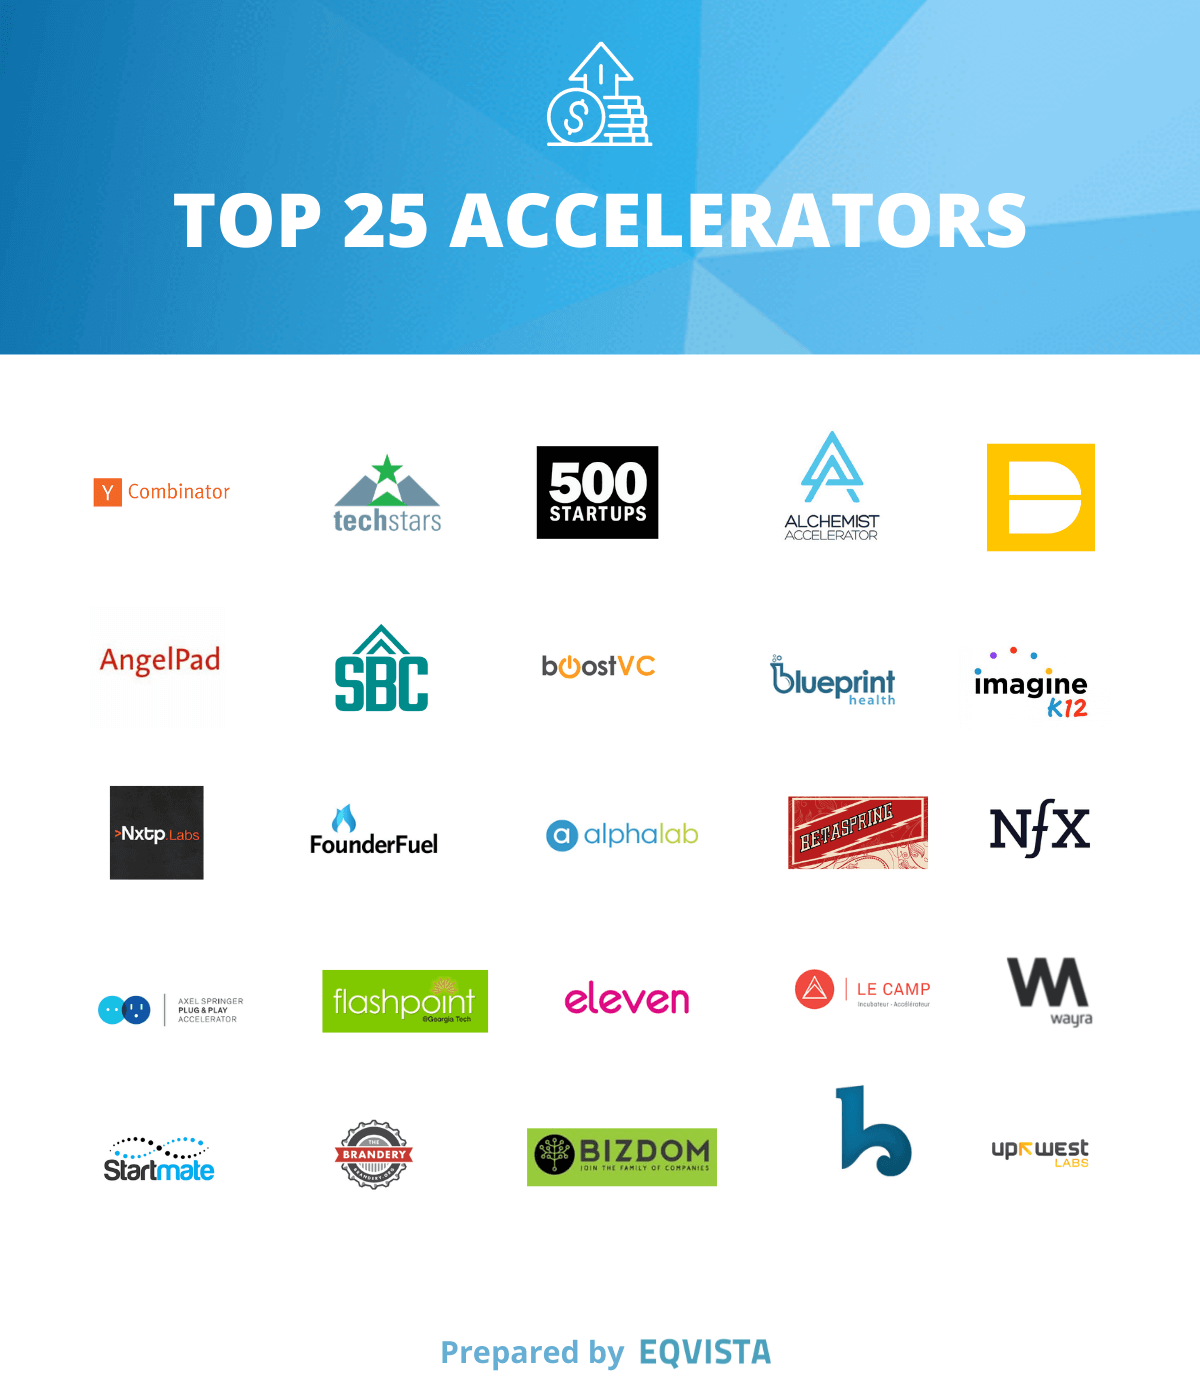 Top 25 Accelerators